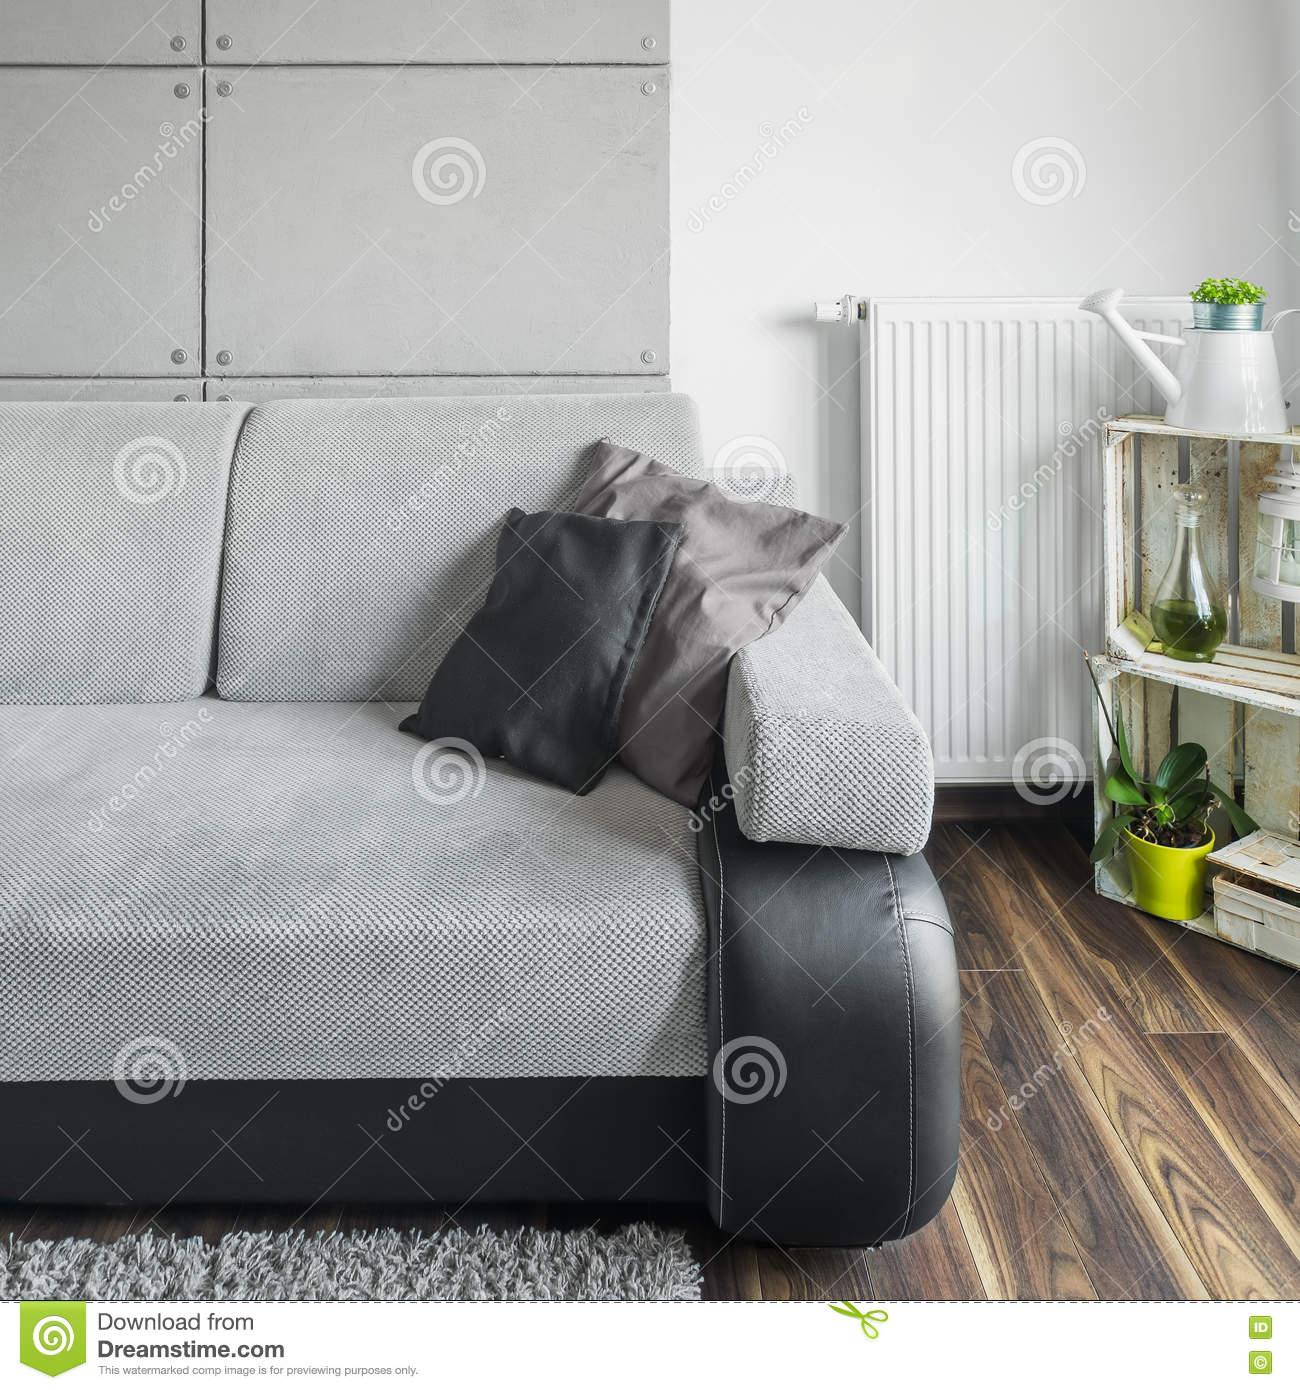 Full Size of Graues Sofa Im Wohnzimmer Stockbild Bild Von Innen Lounge Garten Auf Raten Garnitur 2 Teilig 3 Sitzer Regal Hannover Boxspring Terassen Mit Relaxfunktion W Sofa Graues Sofa